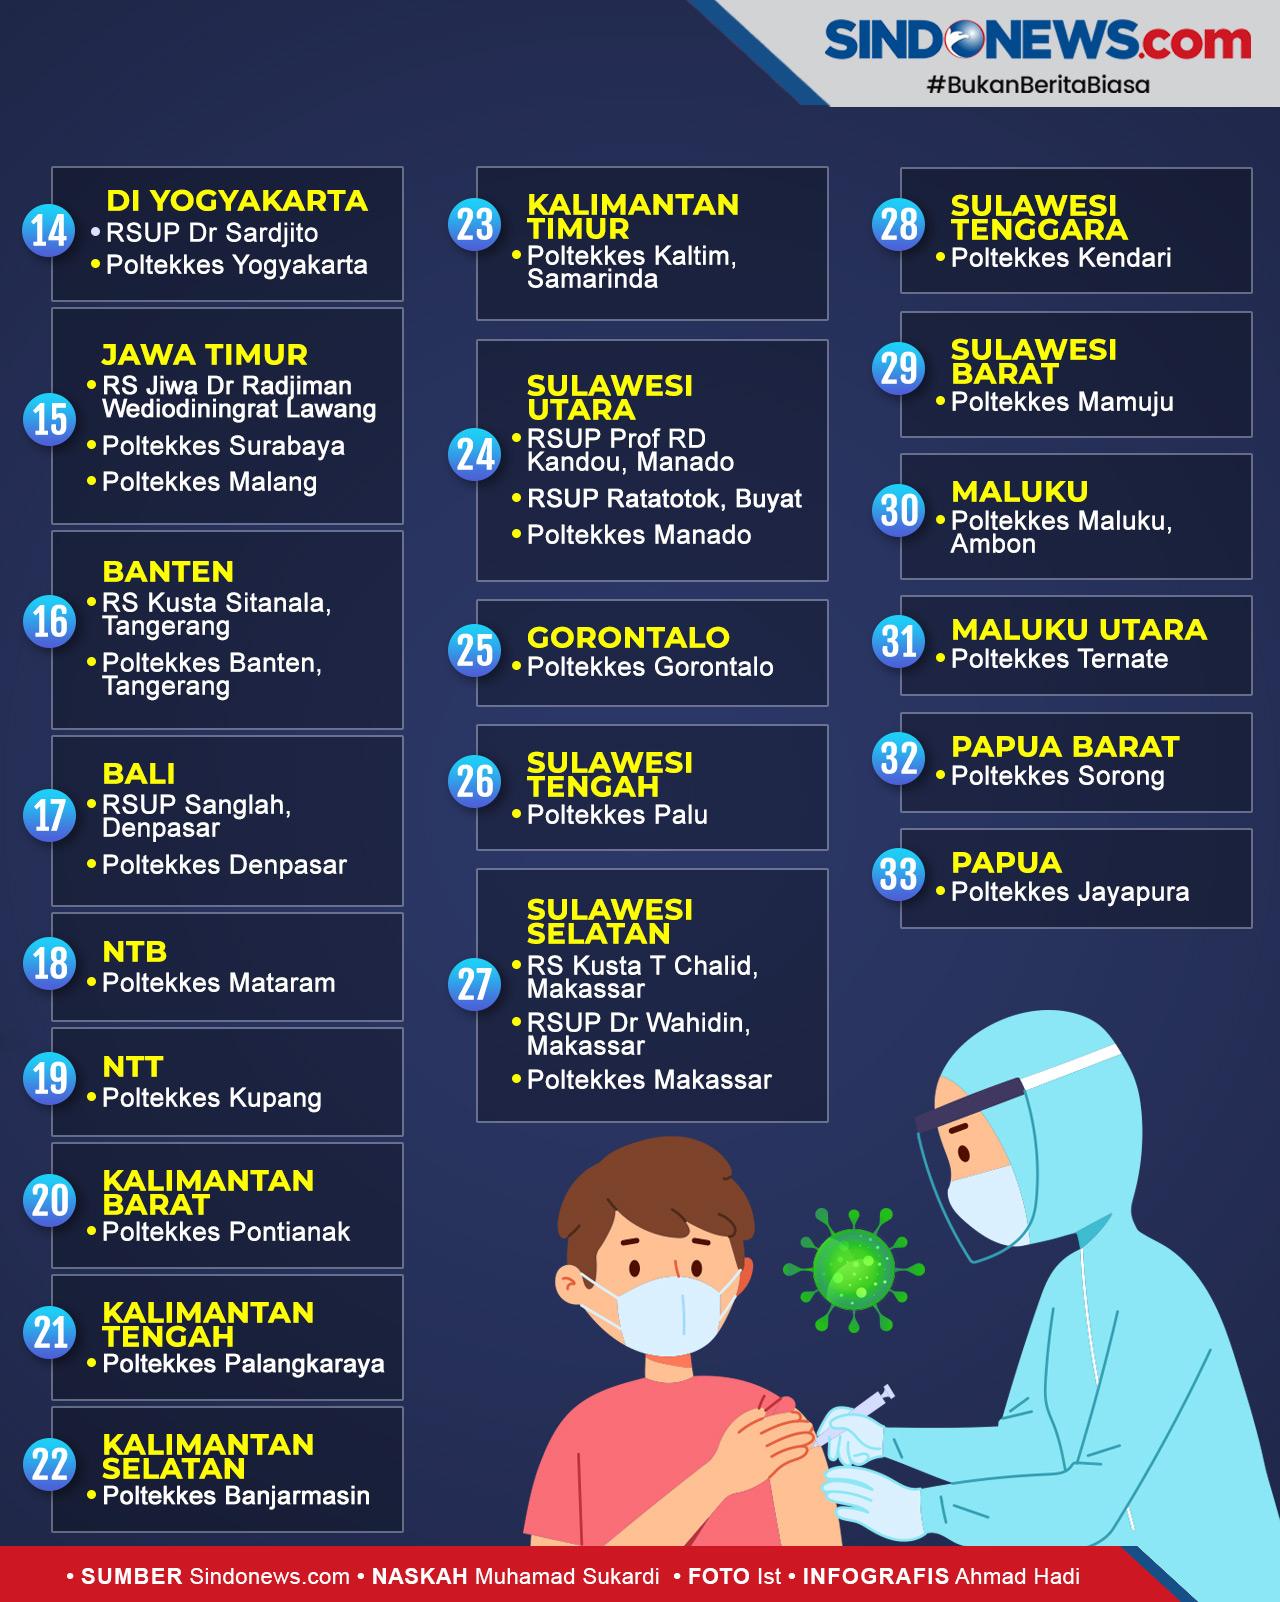 SINDOgrafis: Daftar Lengkap Lokasi Vaksinasi Tanpa Aturan ...